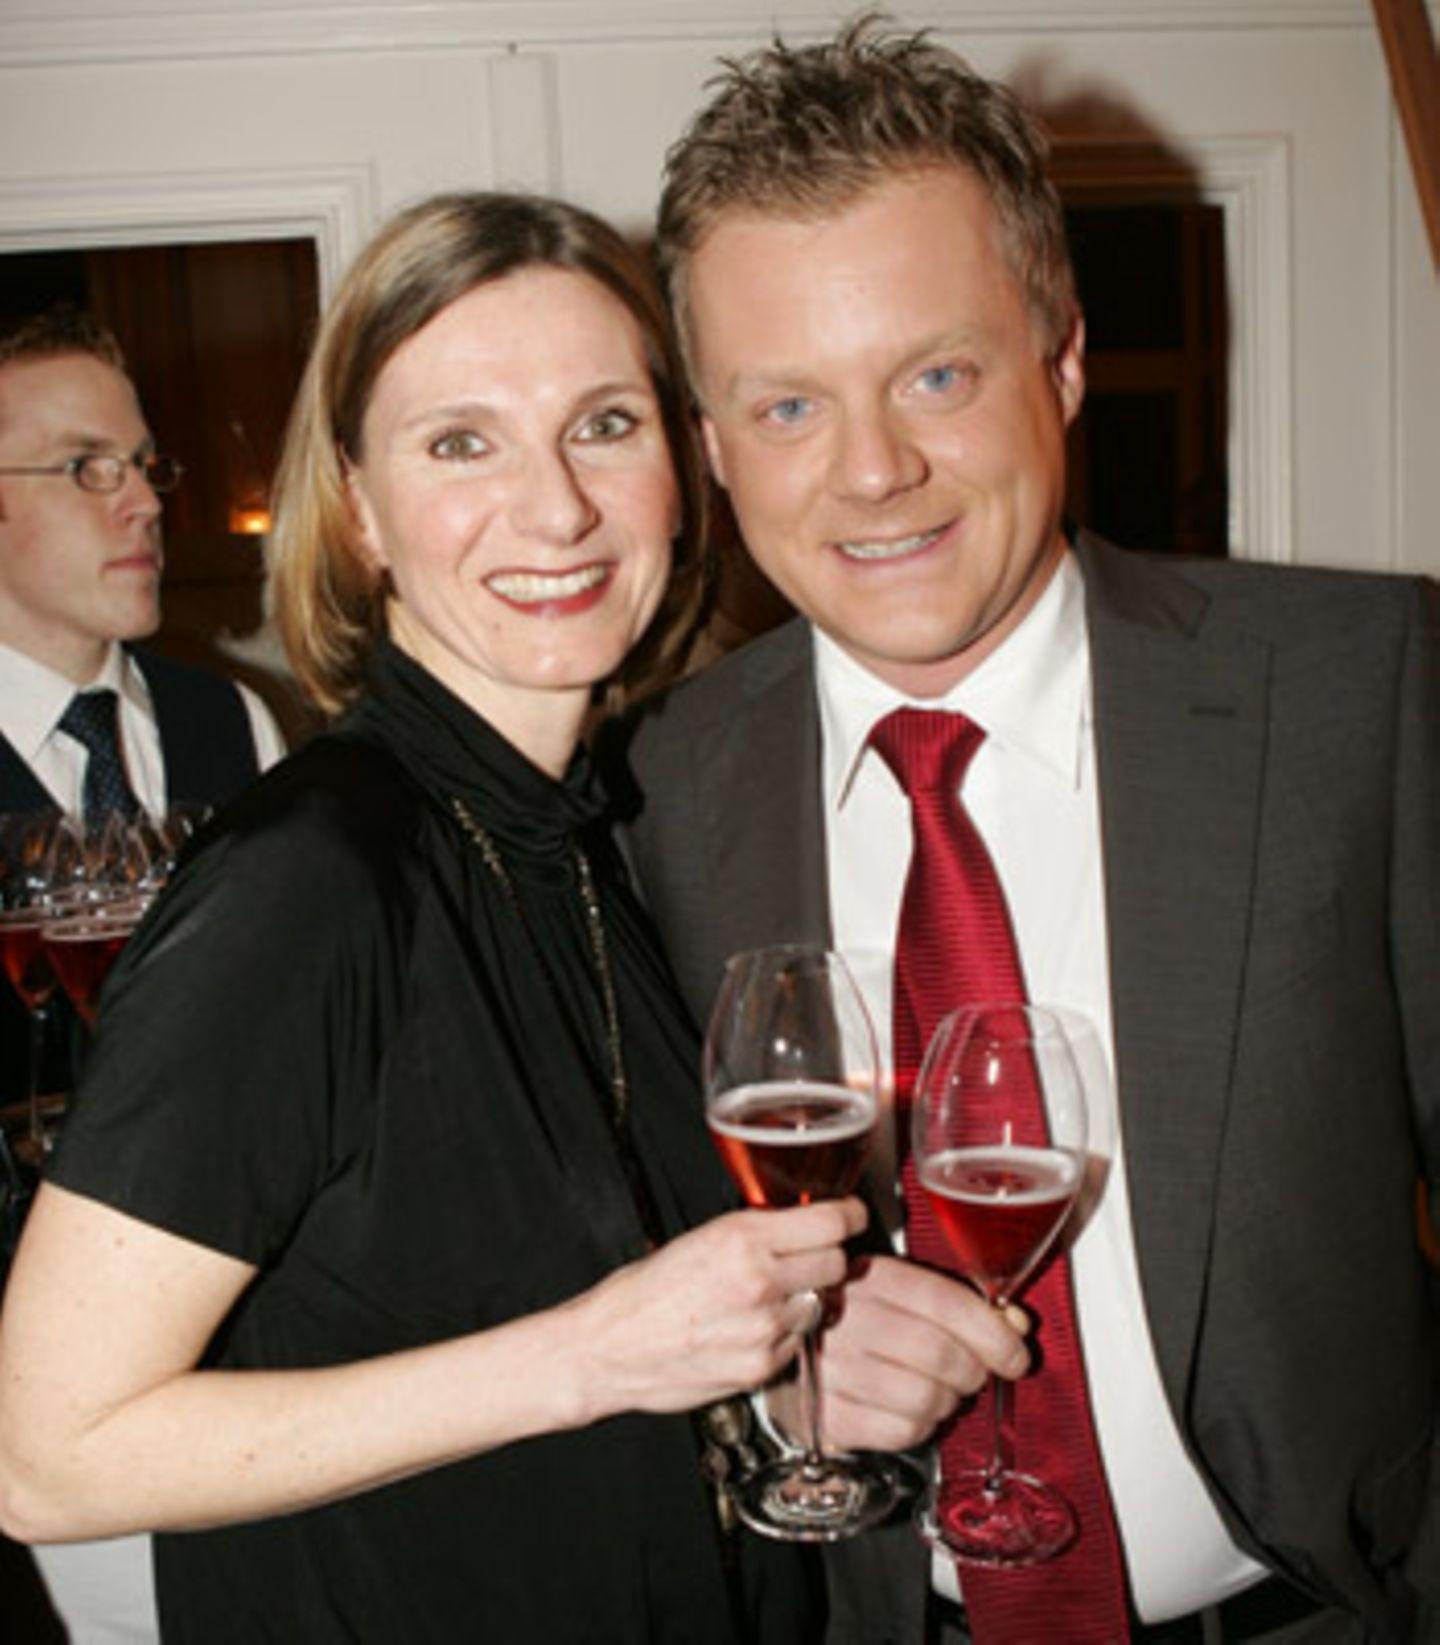 Marc Bator mit Frau Hellen